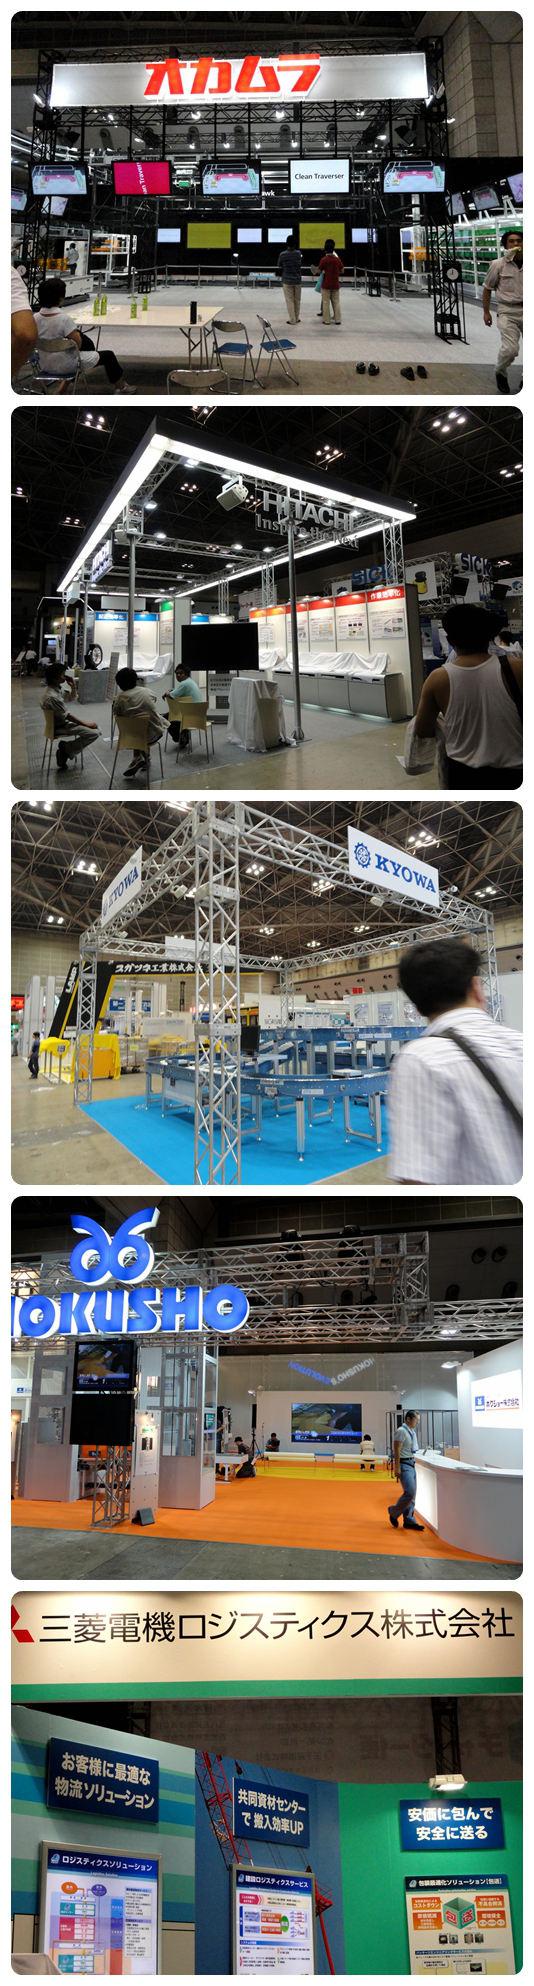 2010 Tokyo Exhibation